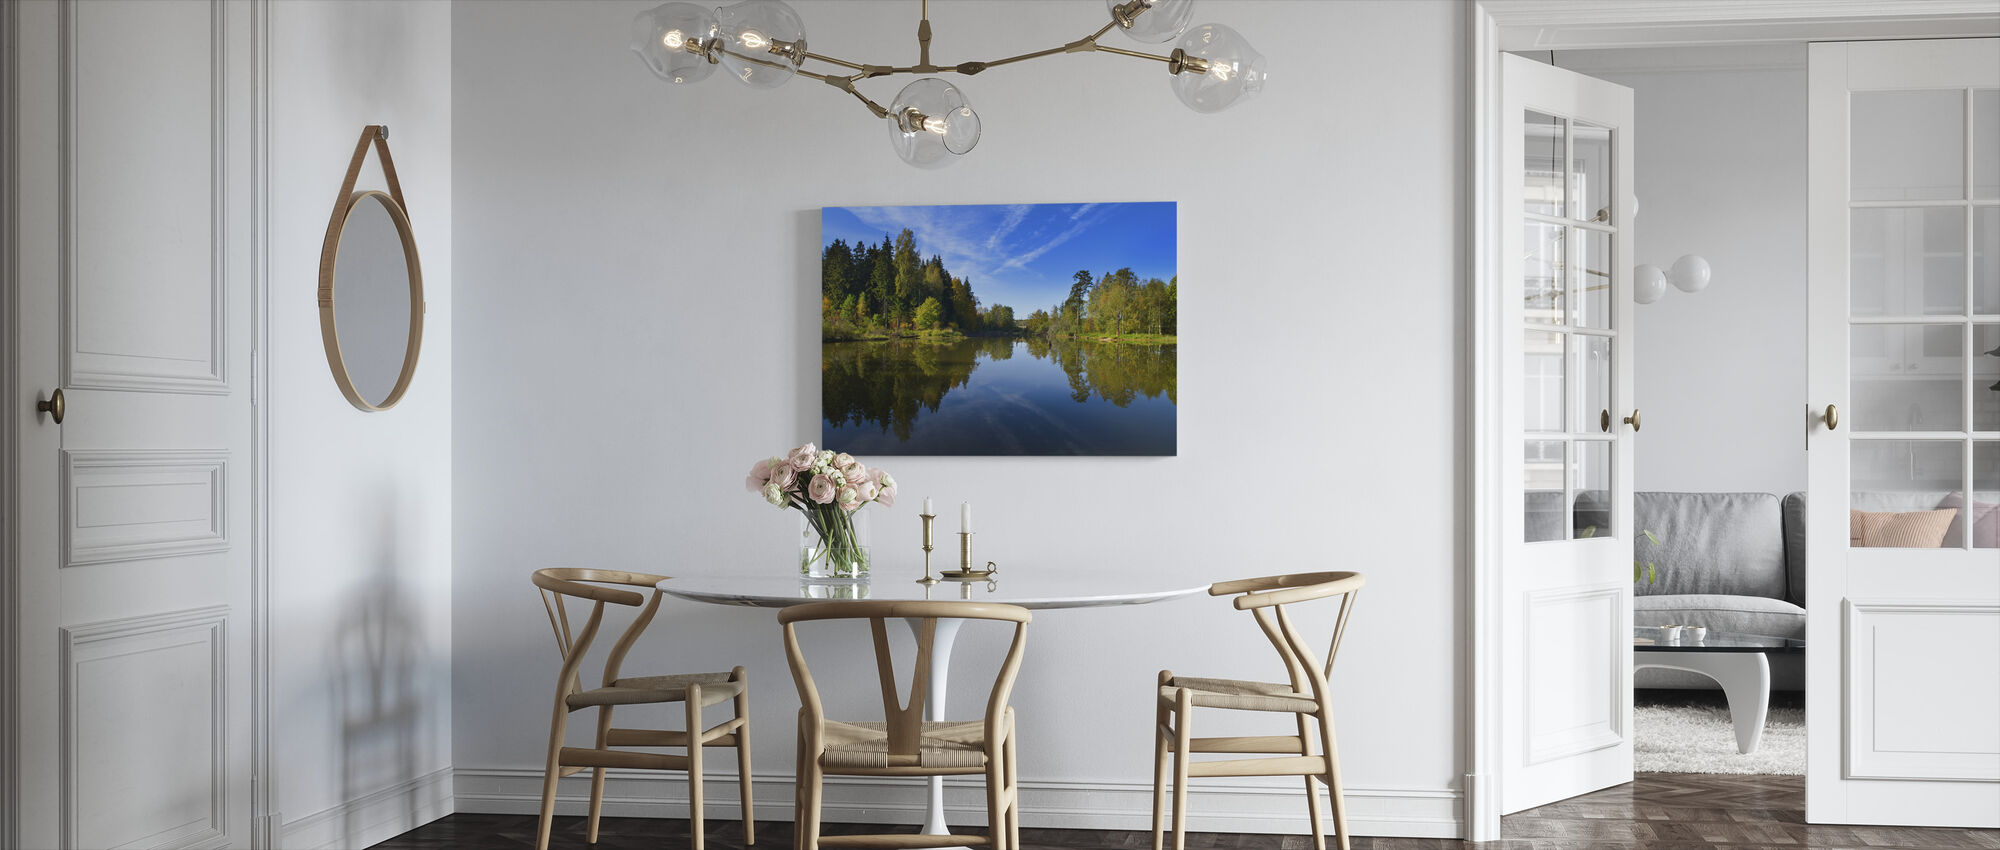 Sommer Lake - Lerretsbilde - Kjøkken